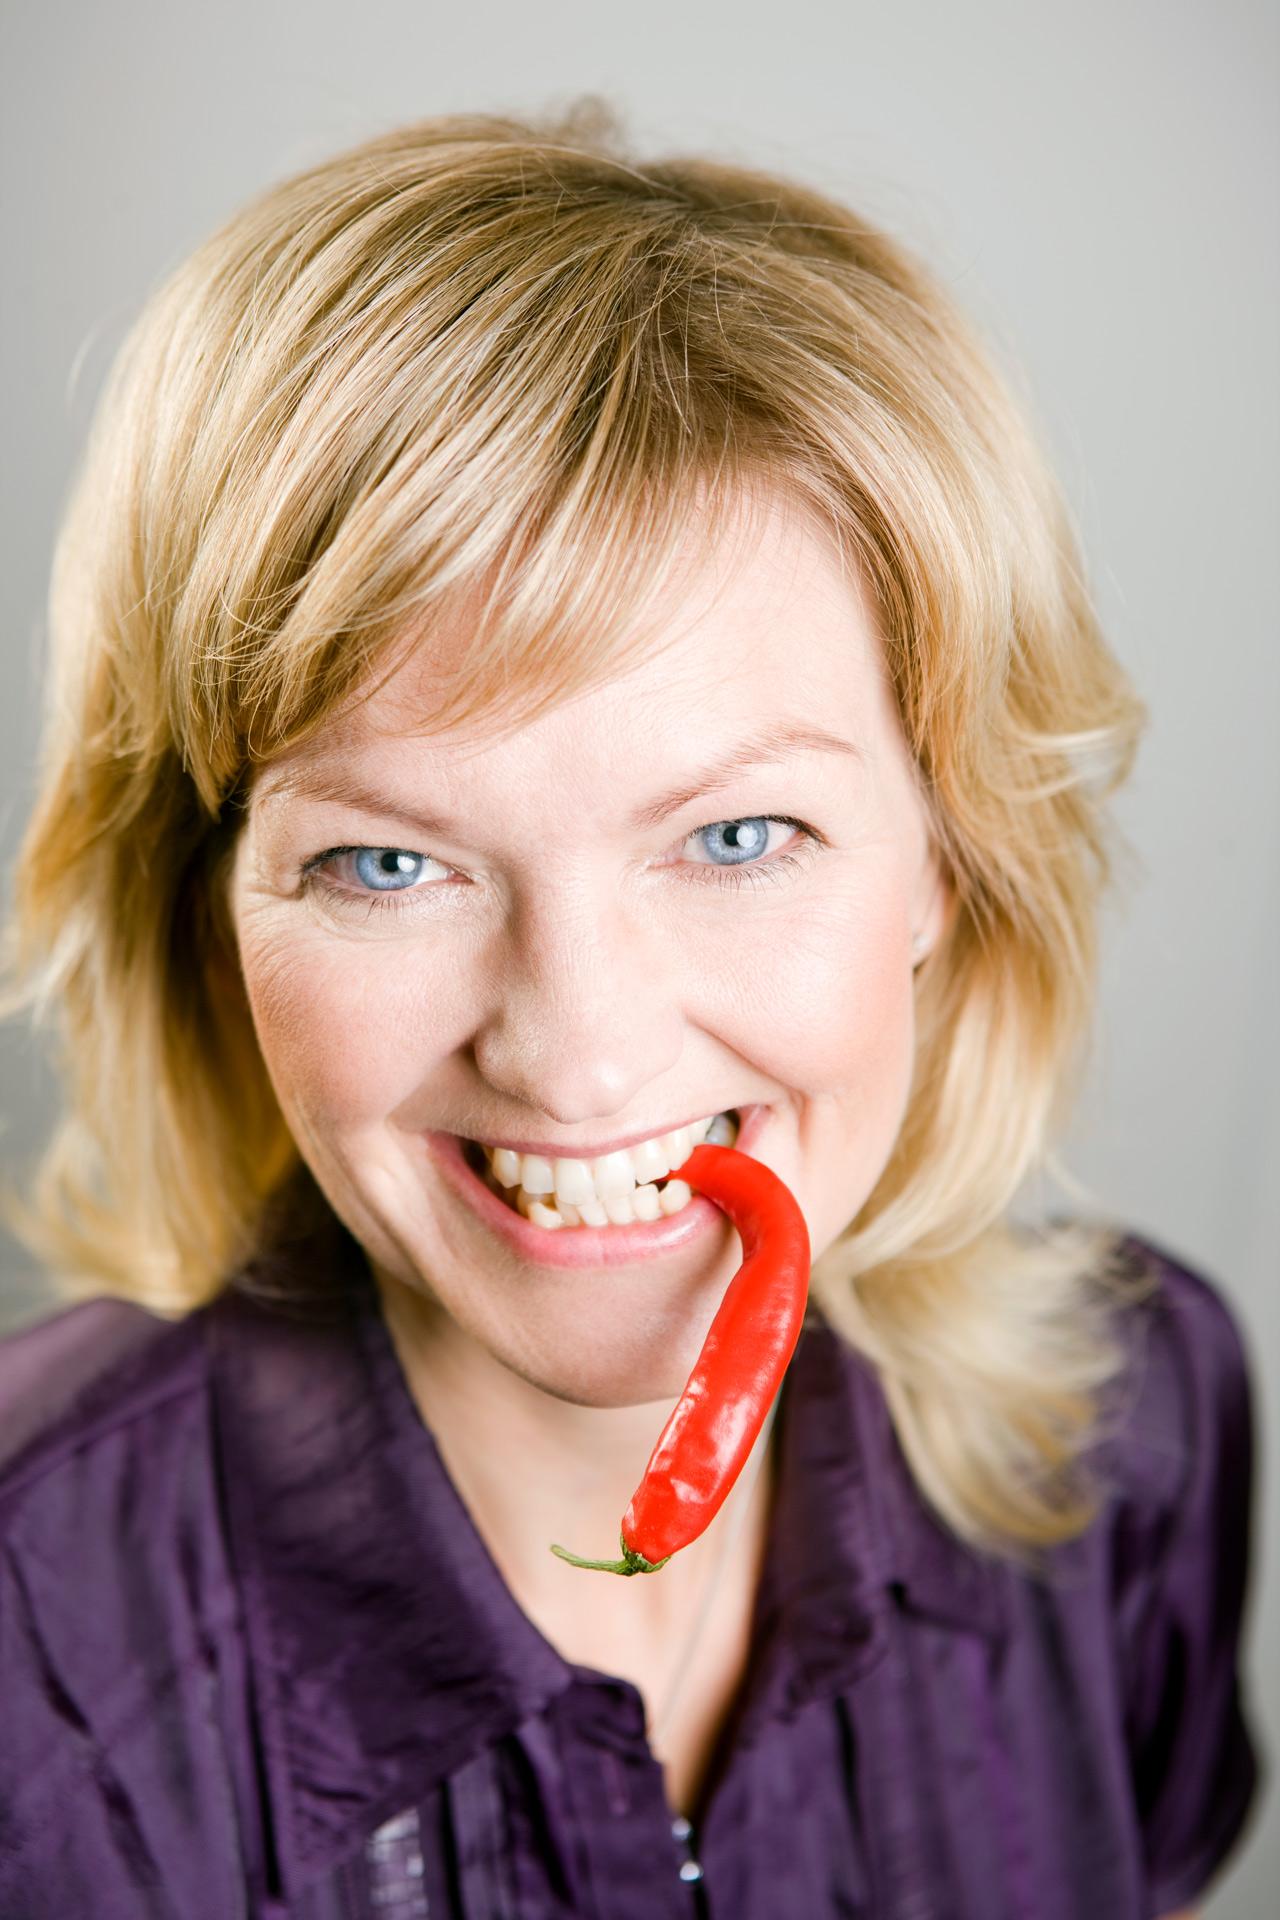 Eva Kjer Hansen, Venstre, Portrætfotograf, minister, chilli, København